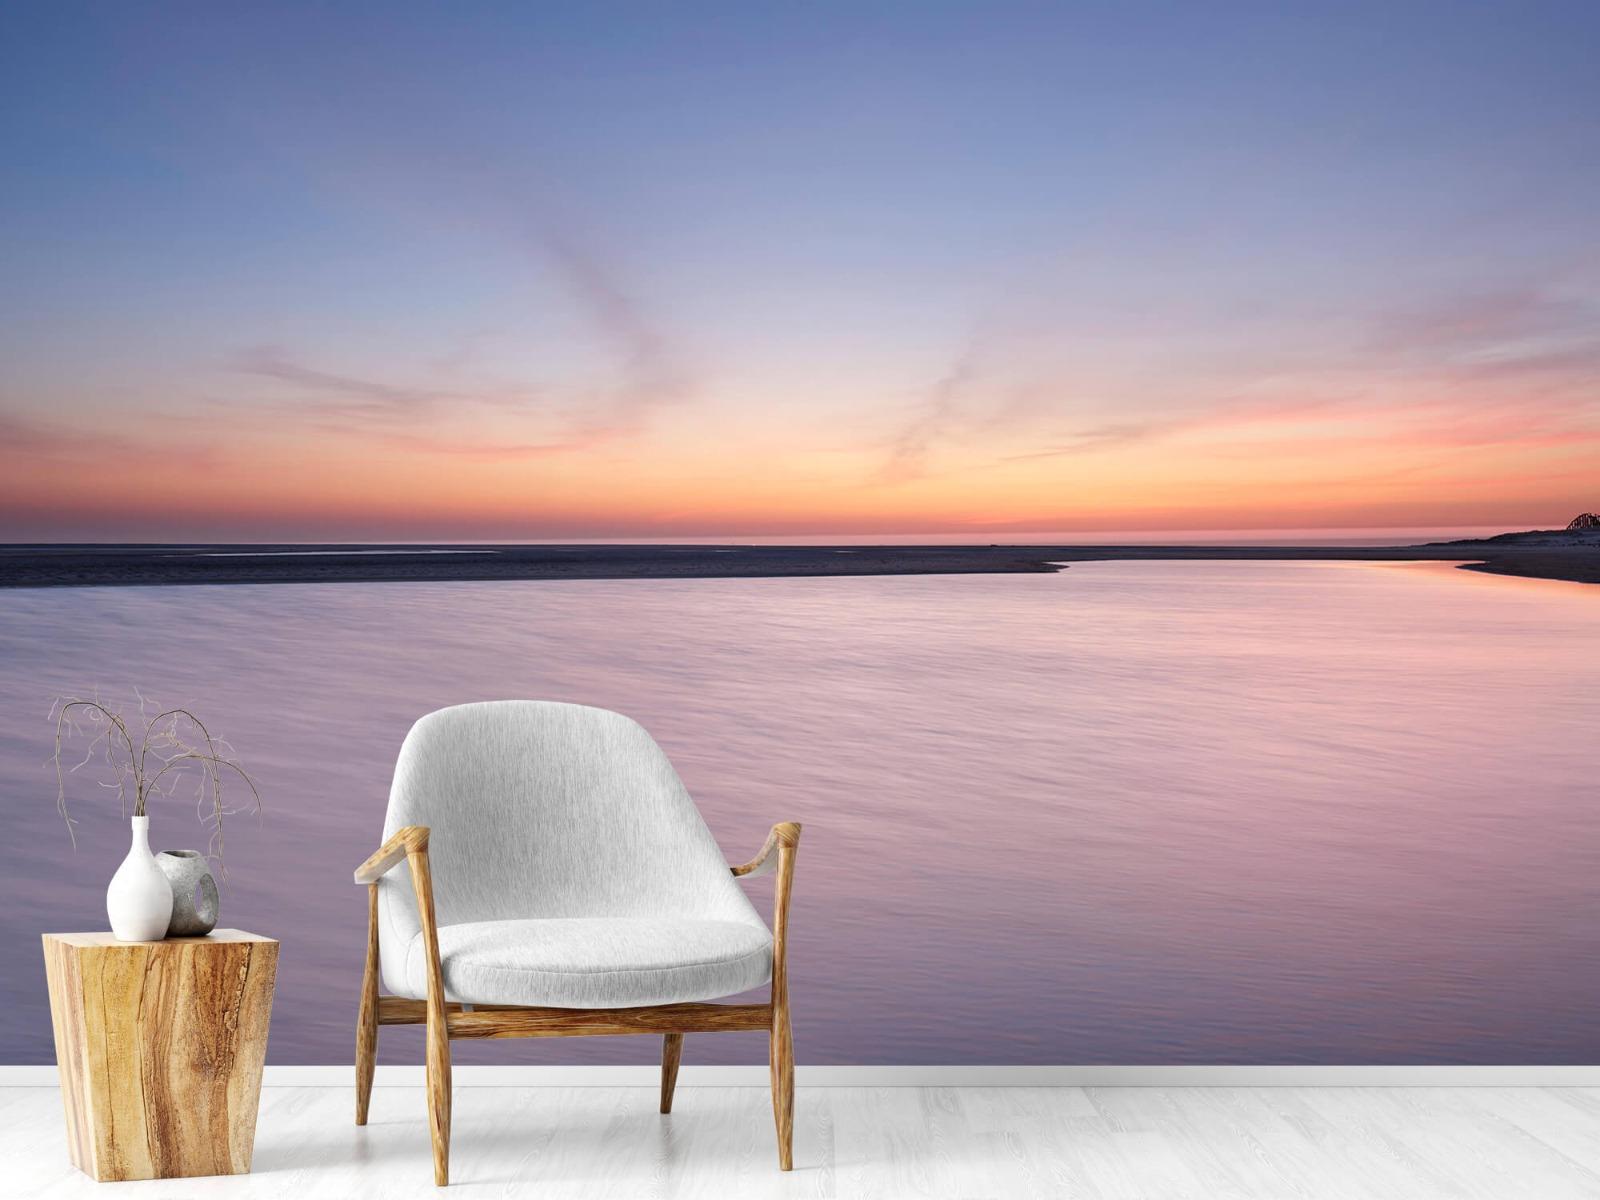 Zeeën en Oceanen - Zonsondergang aan zee - Slaapkamer 18